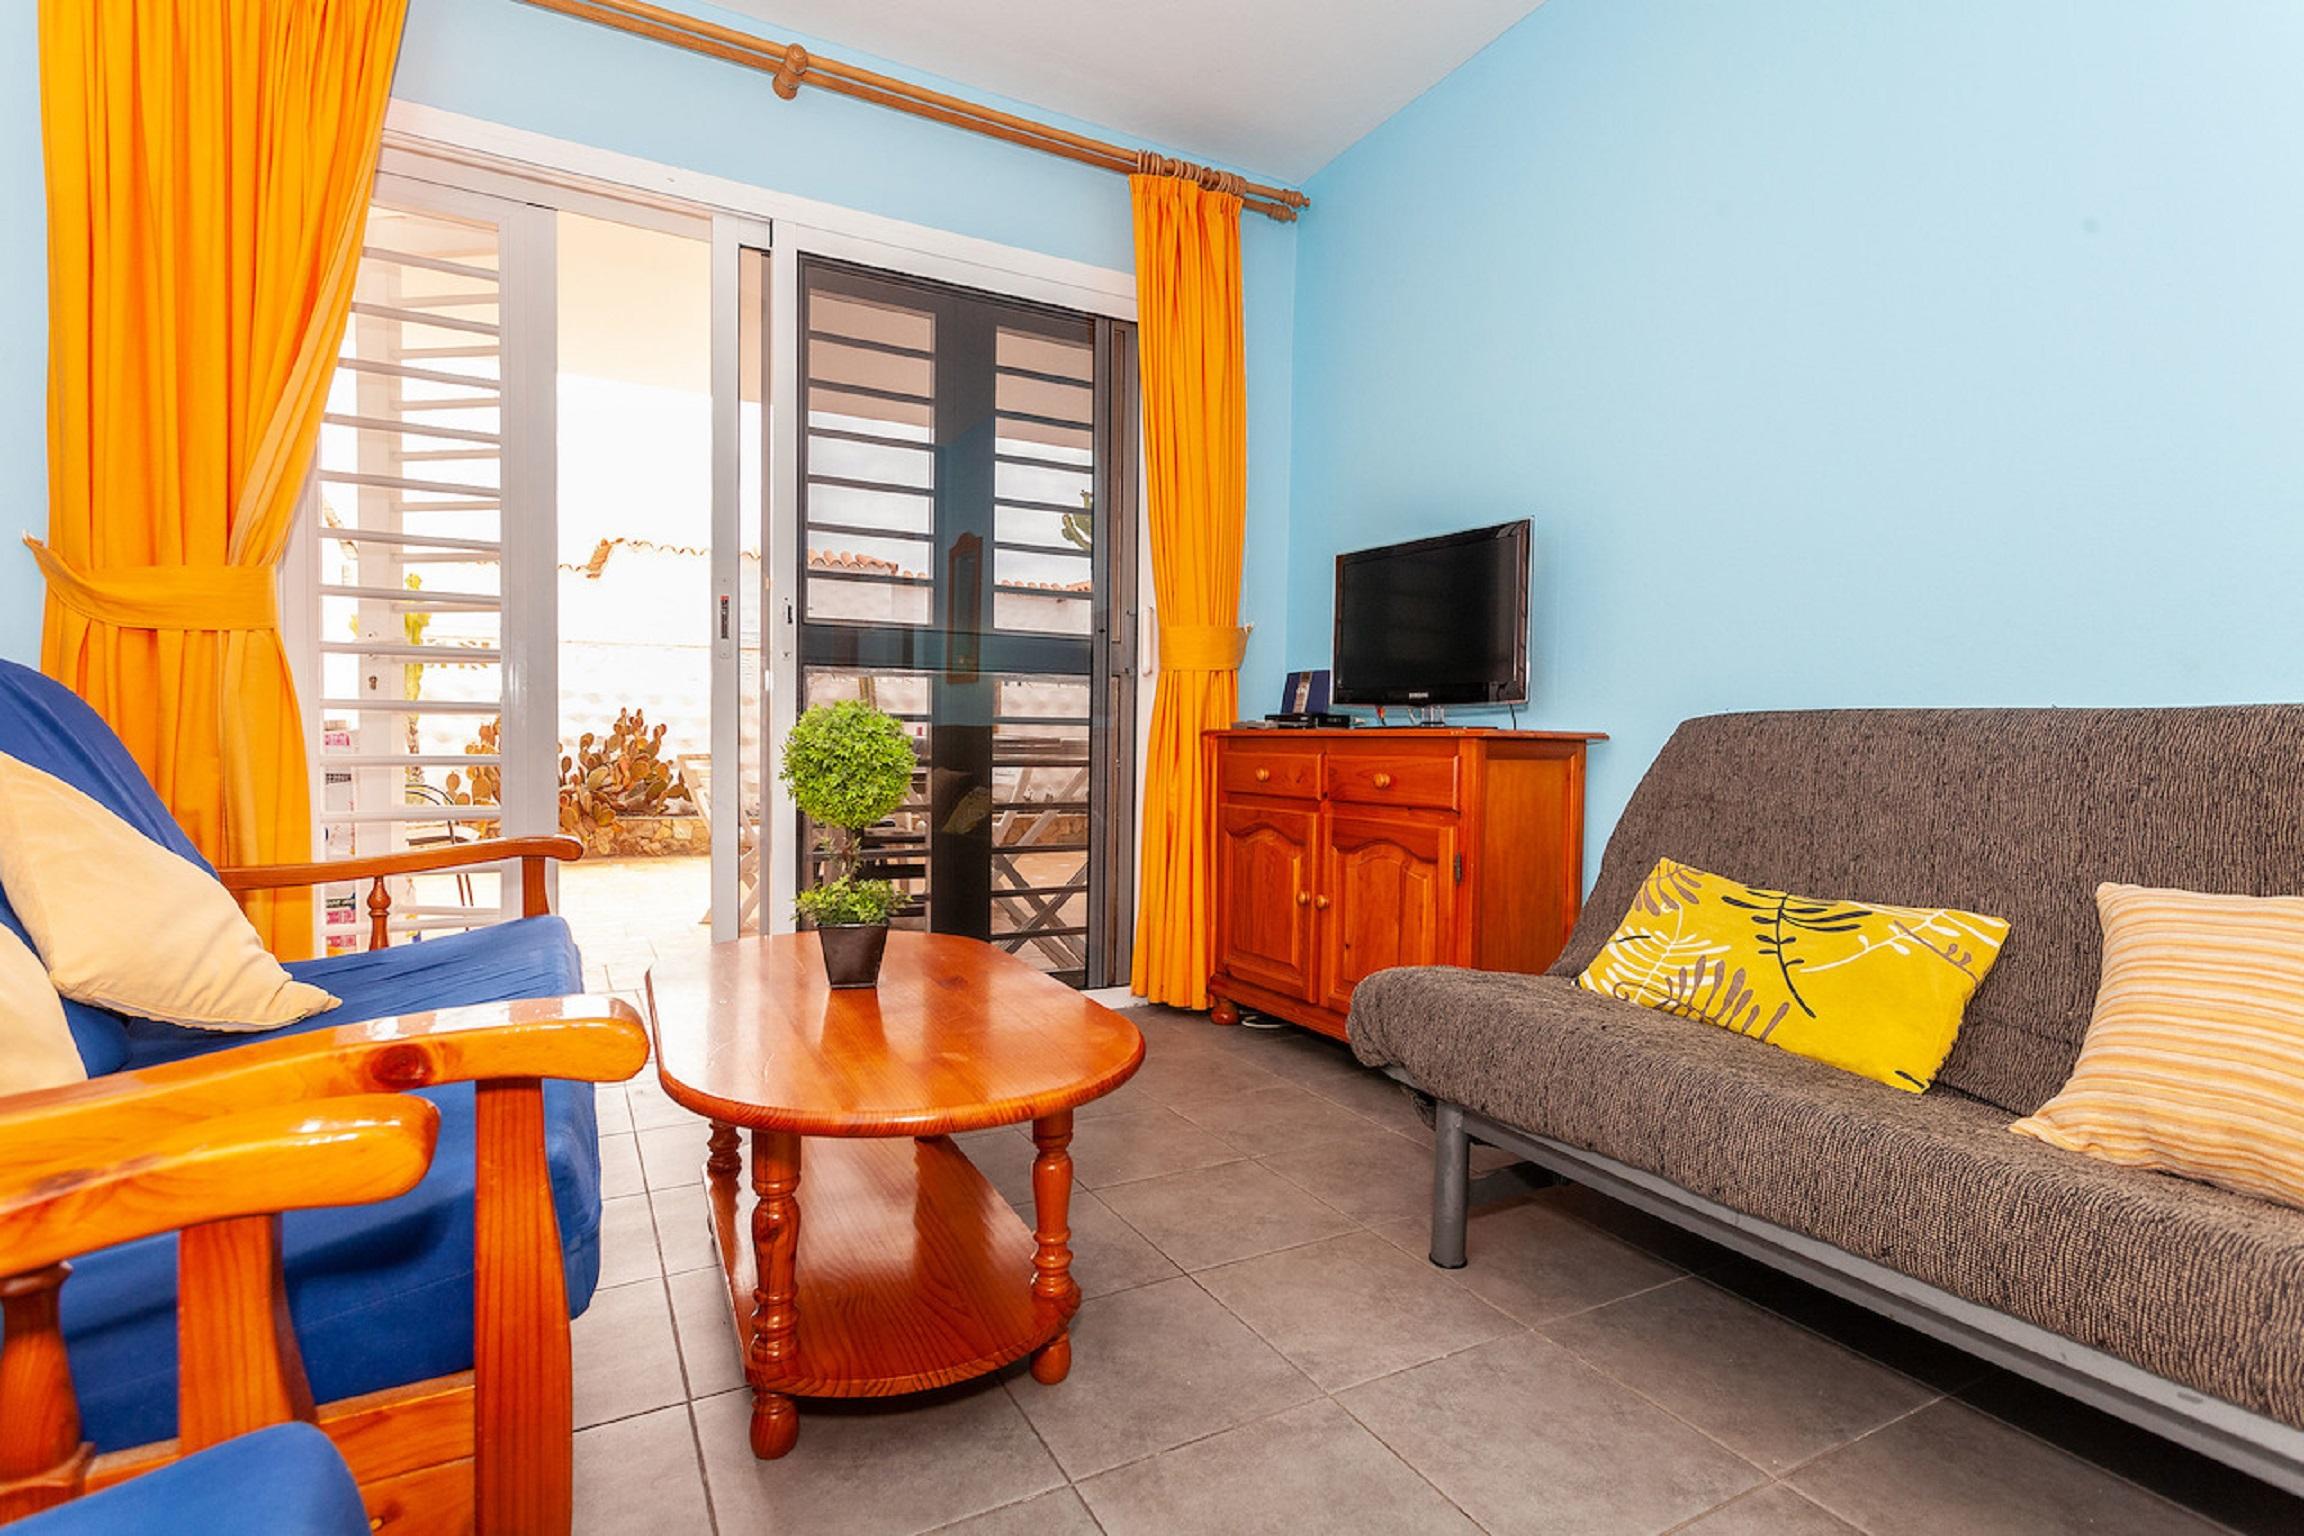 Ferienwohnung Apartment in Strandnhe mit groer Terrasse, Wlan und Parkplatz (2628896), Costa Calma, Fuerteventura, Kanarische Inseln, Spanien, Bild 5